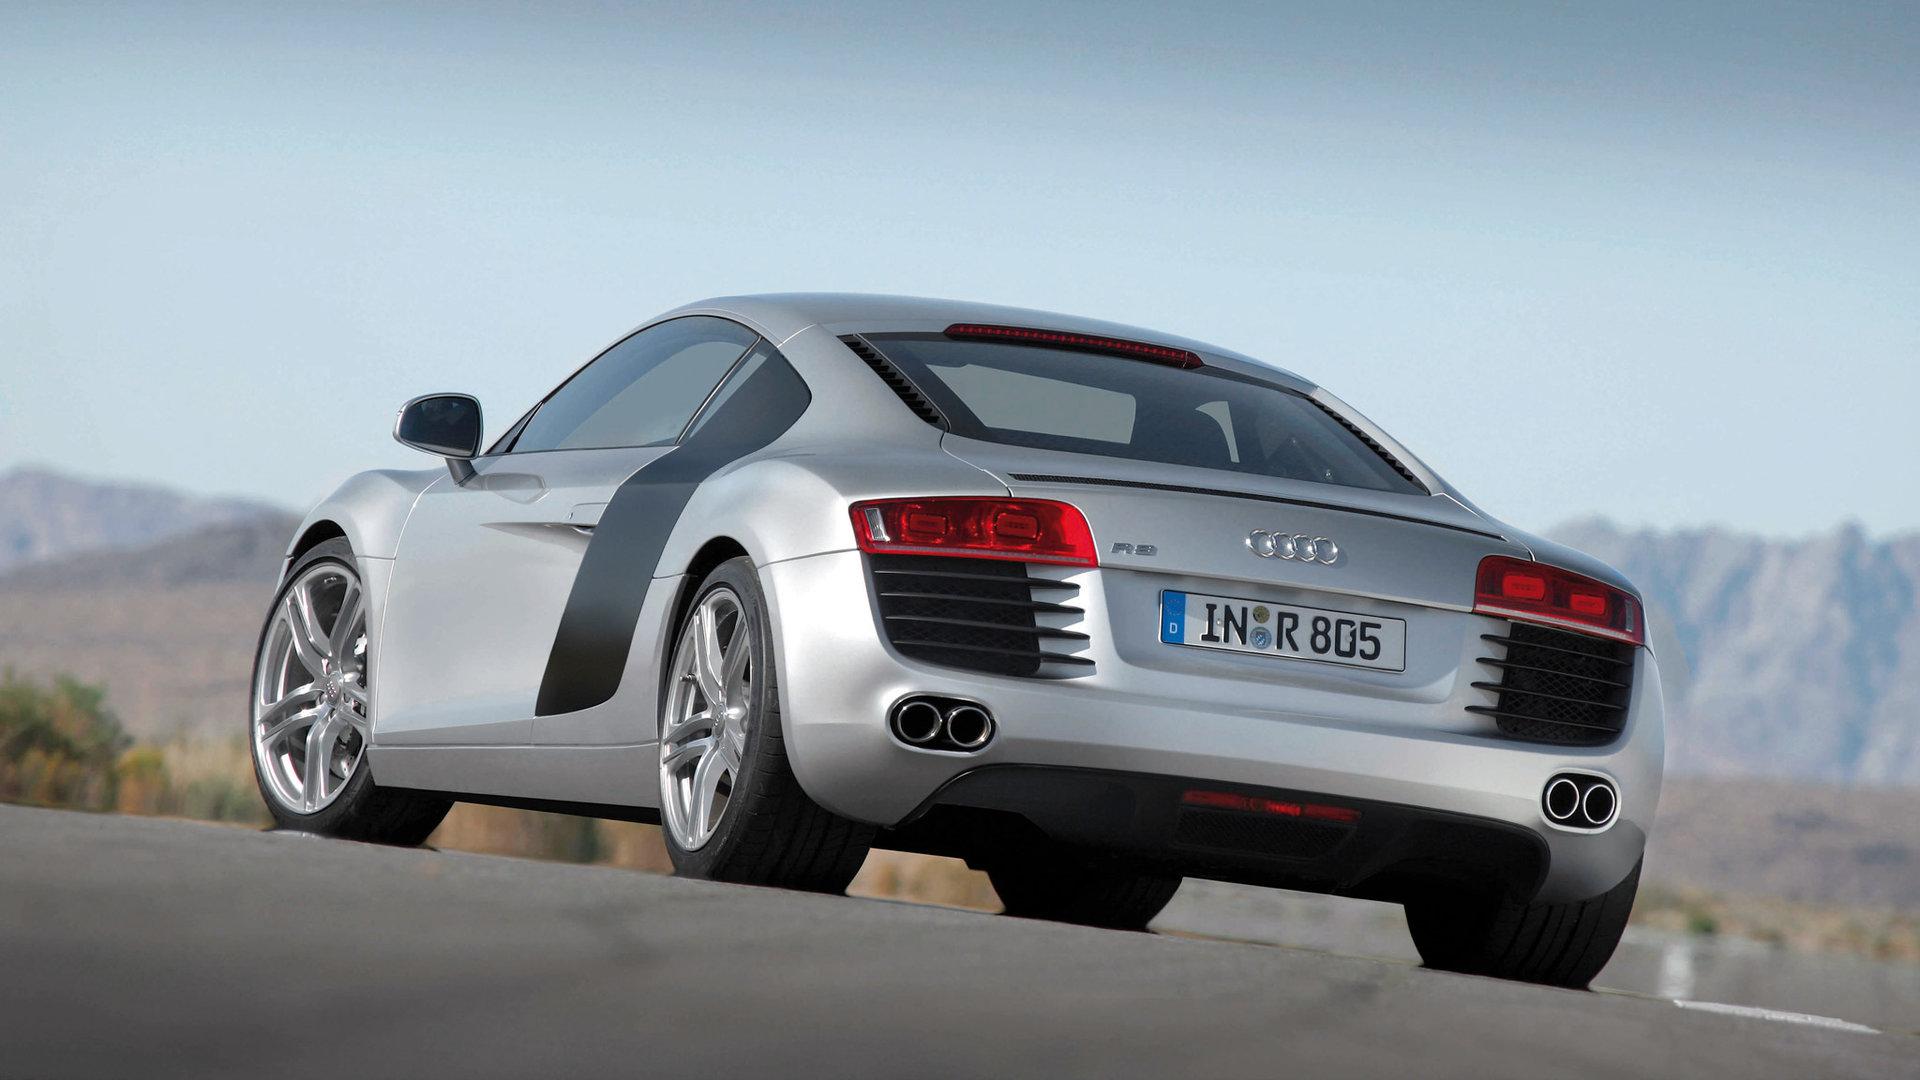 Coche del día: Audi R8 4.2 FSI (Typ 42)